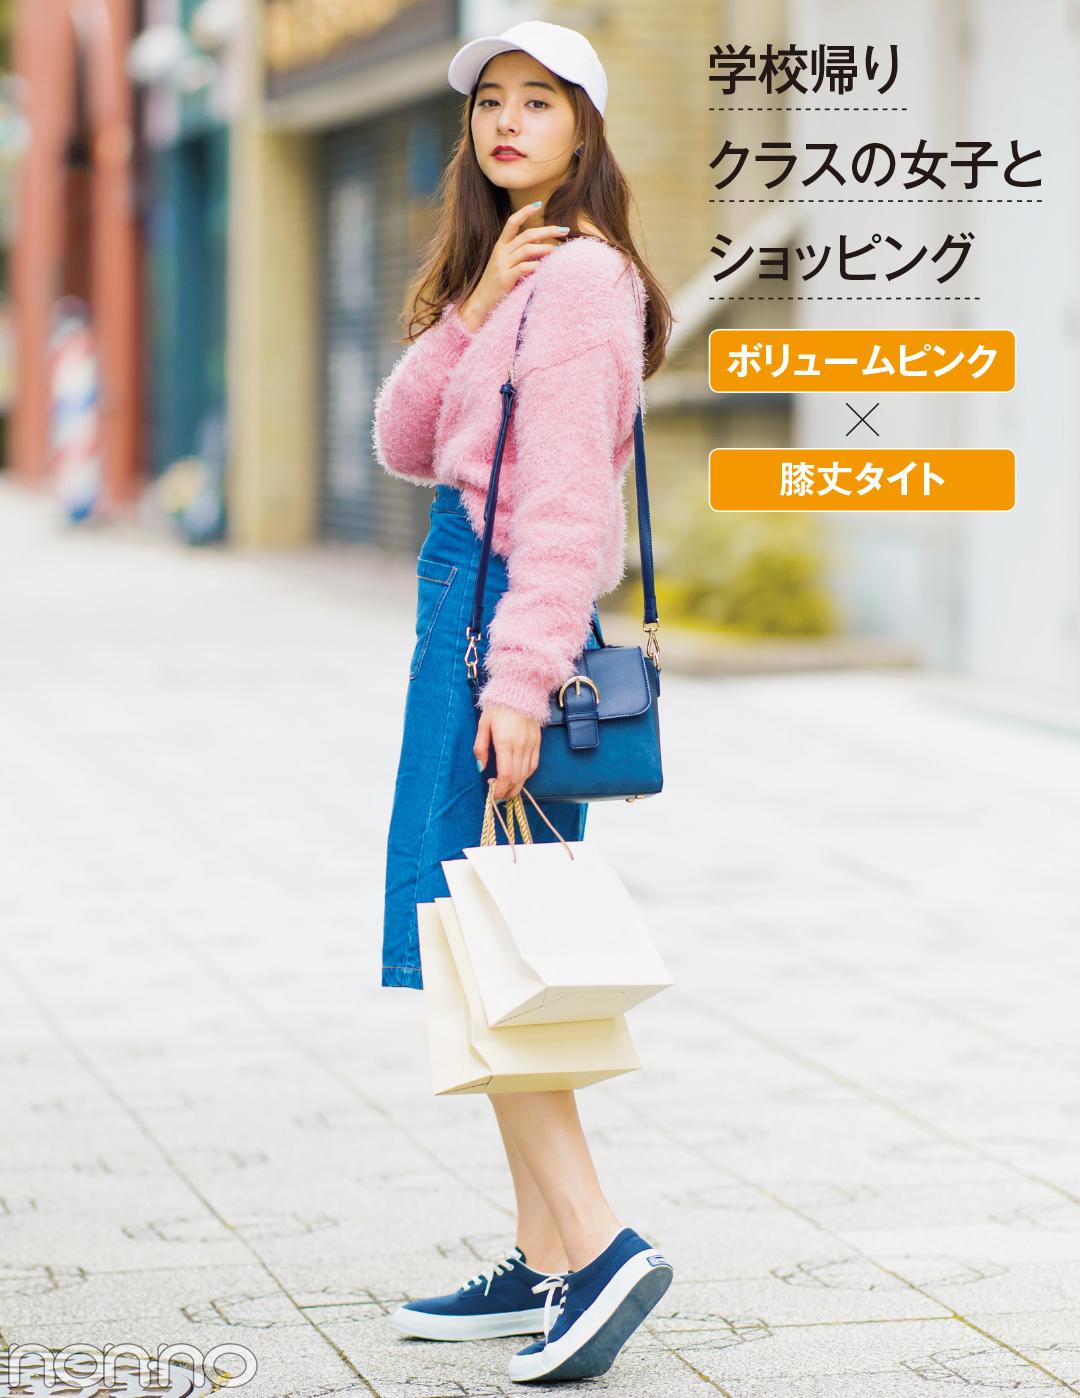 女子ウケするパステルニット×デニムコーデ3選★優子、優愛、あずさがお手本!_1_1-2